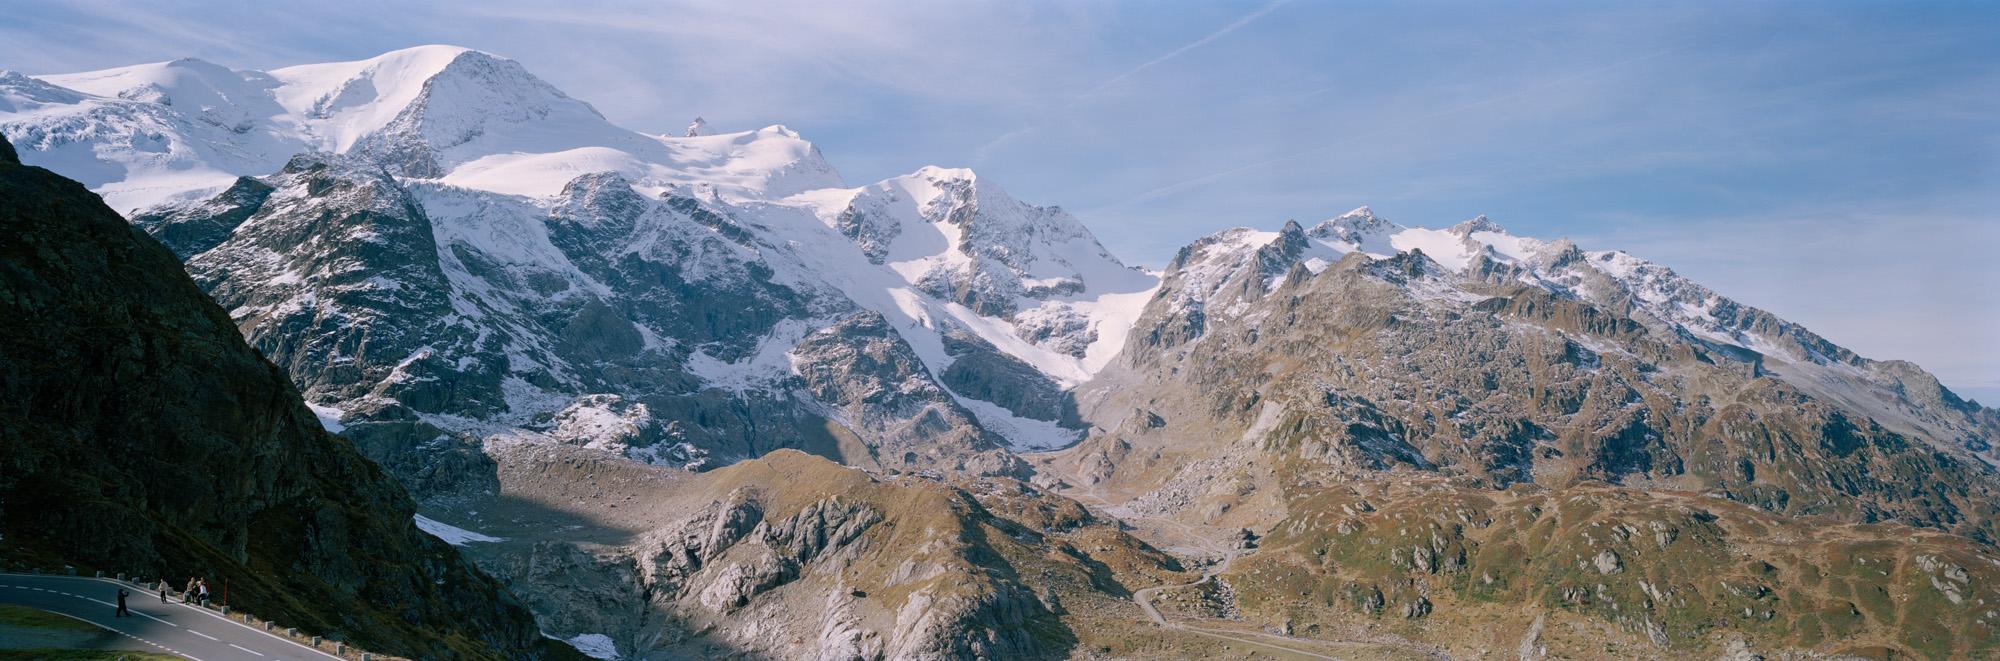 Alpenpässe, Alpen, Schweiz, Italien, Österreich, Deutschland, Natur, Landschaften, Pässe, Straßen, Steine, Berge, Wiesen, Grün, Gras, Bergluft, Blau, Himmel, Gwächtenhorn,